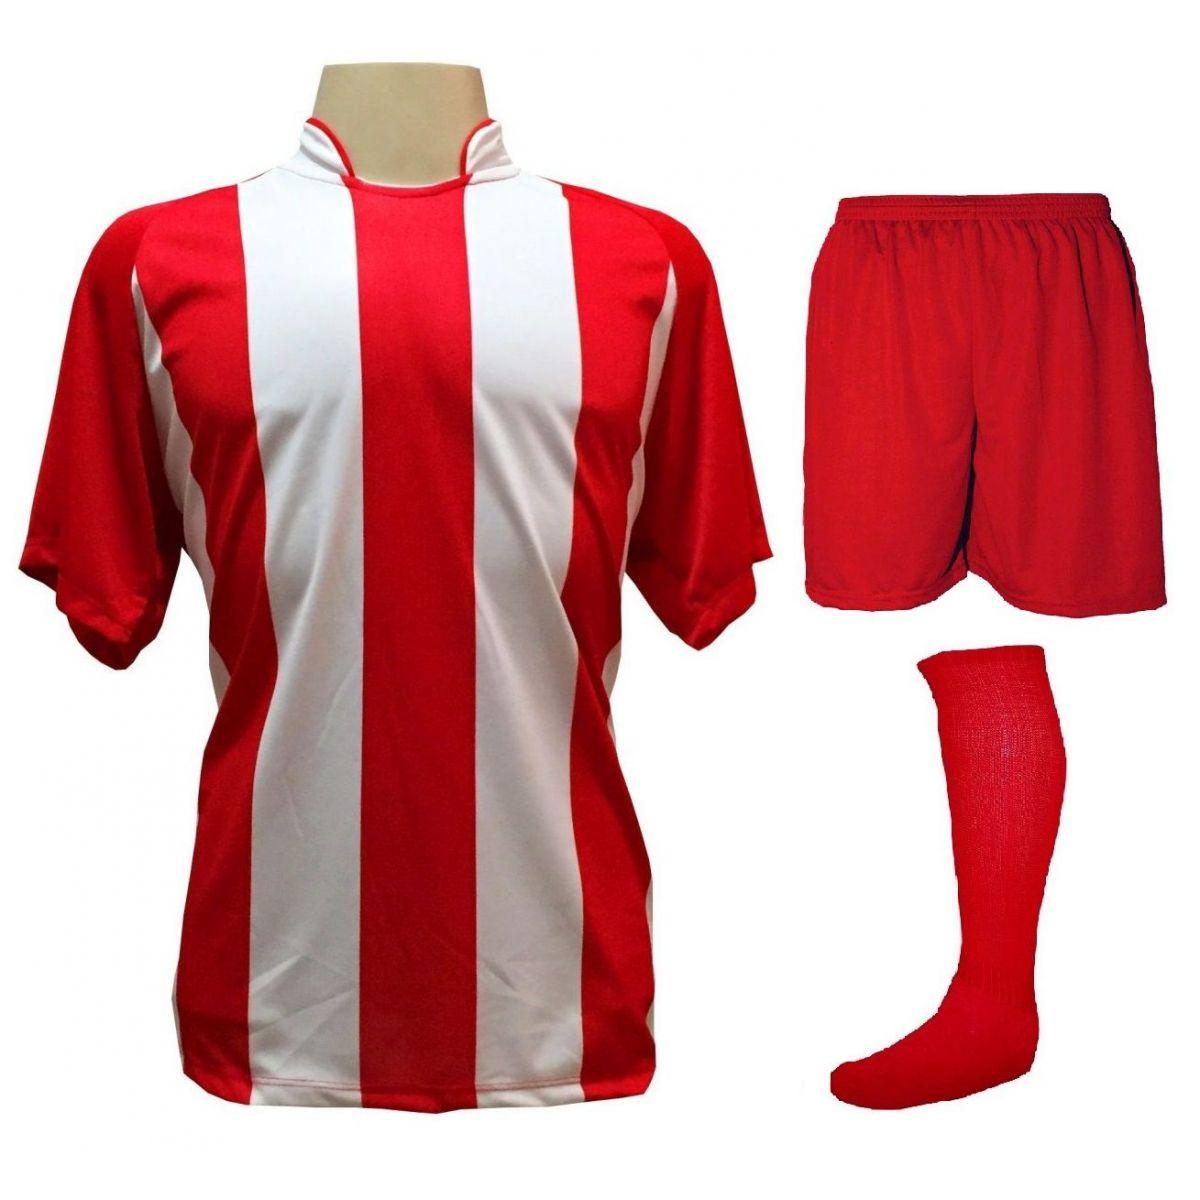 Uniforme Esportivo com 20 camisas modelo Milan Vermelho Branco + 20 calções  modelo Madrid Vermelho ... c1ace464c37b4